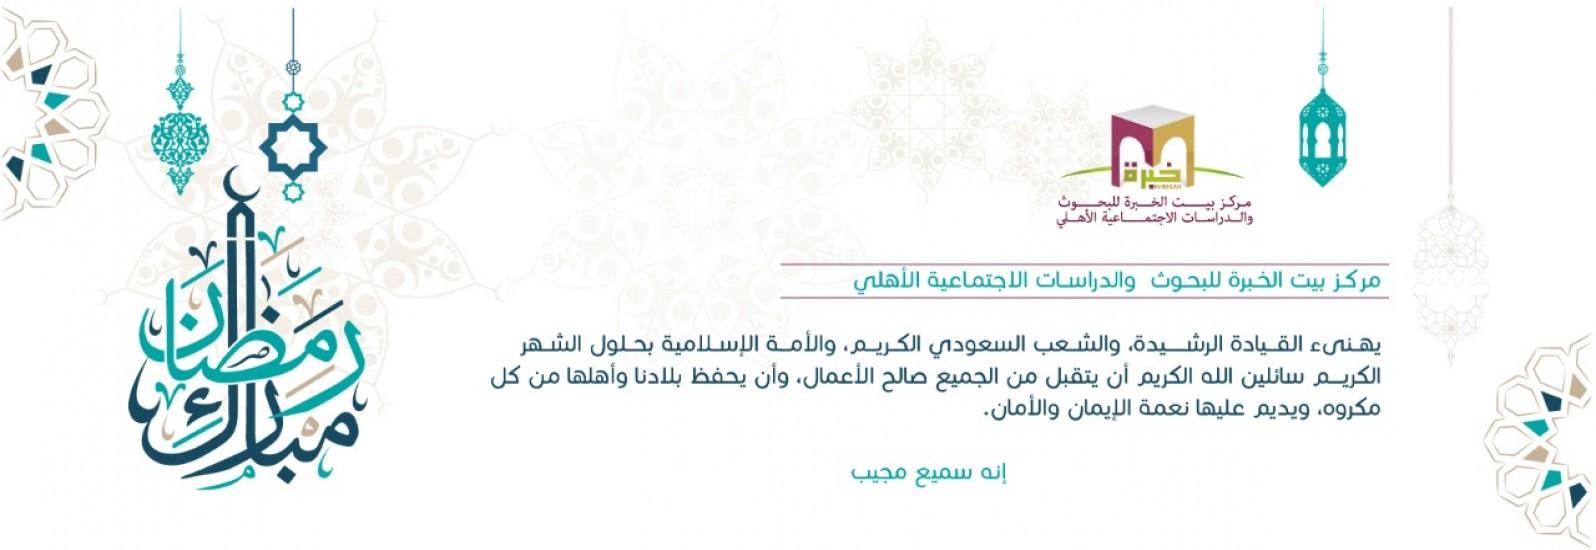 تهنئة مركز بيت الخبرة بشهر رمضان المبارك